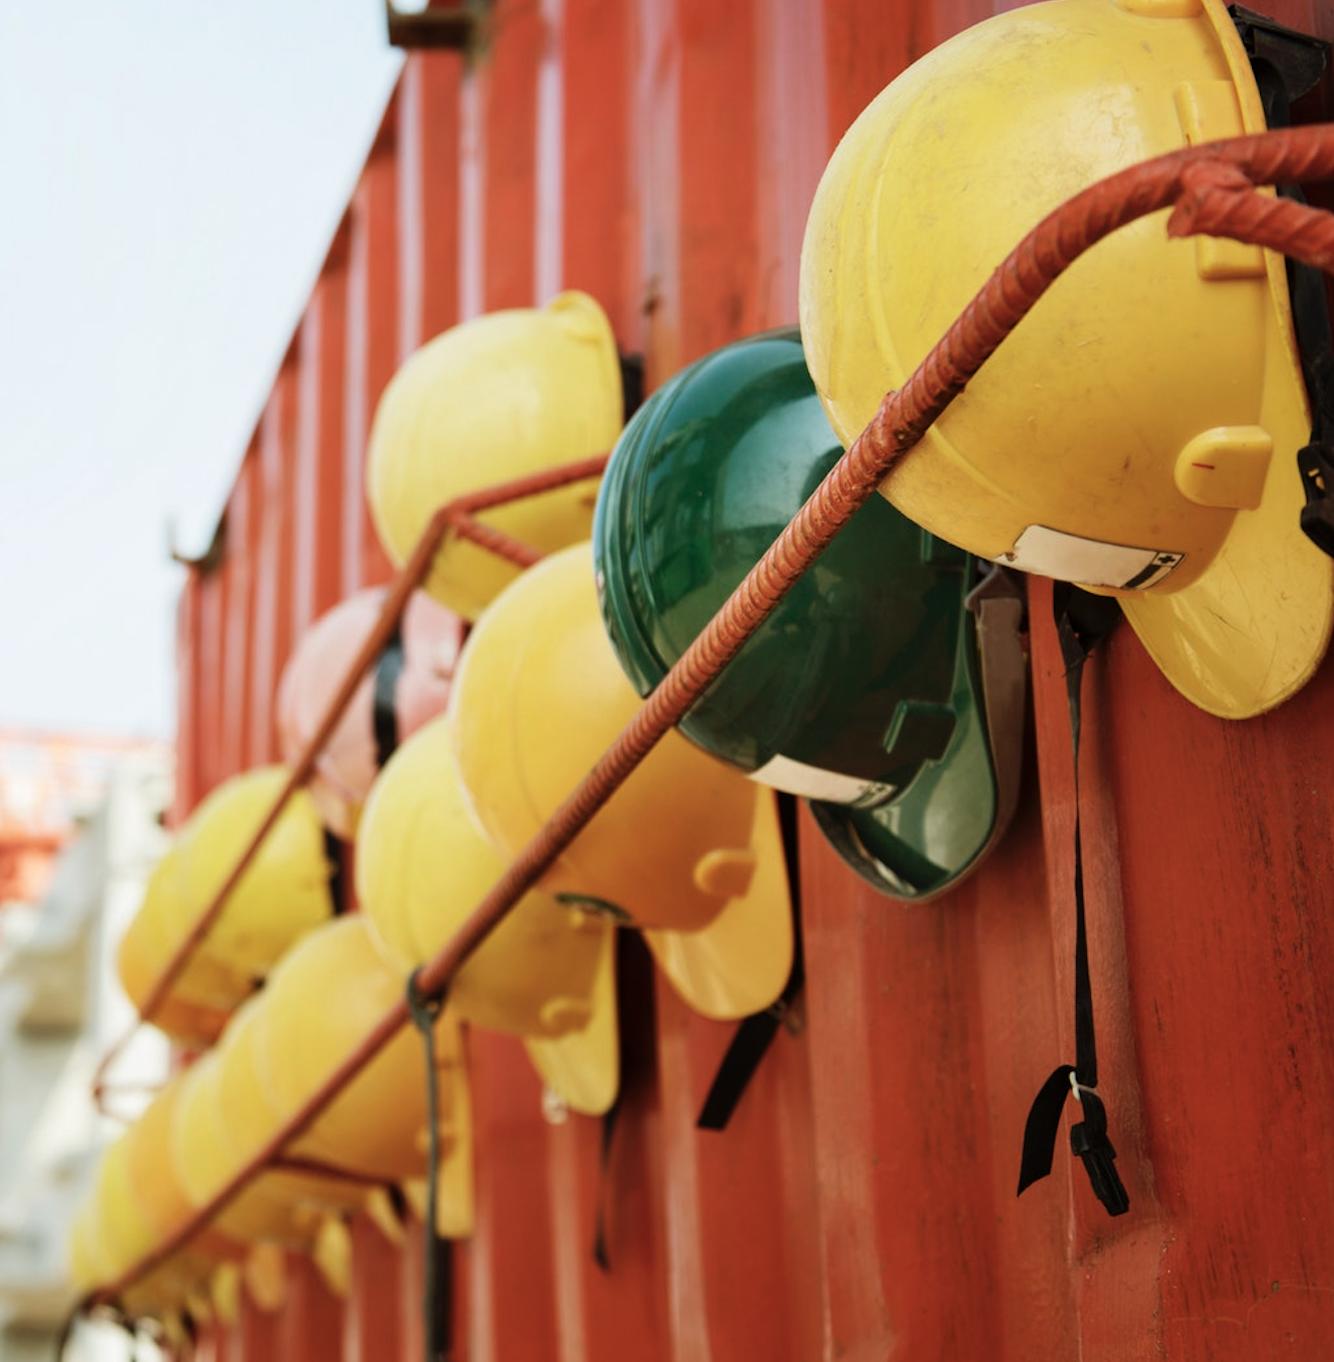 Drentse woningcorporaties gaan schoon bouwen